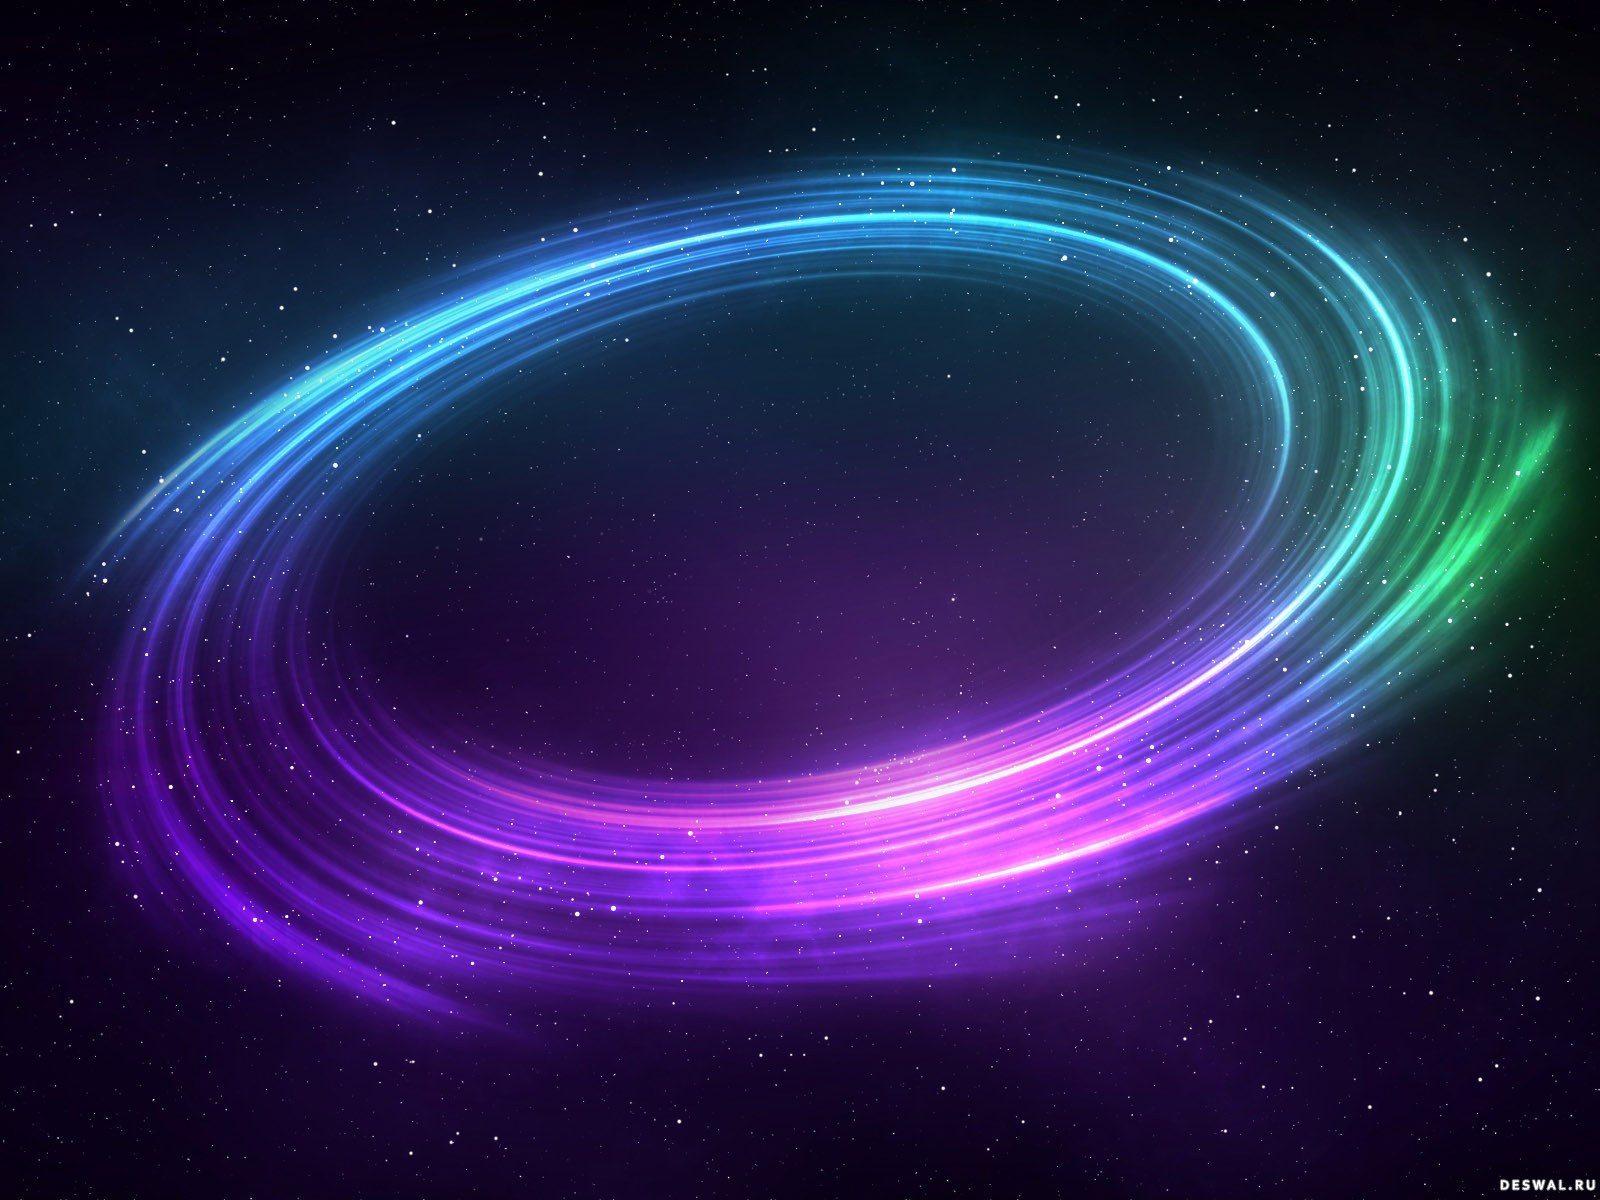 Фото 151.. Нажмите на картинку с обоями космоса, чтобы просмотреть ее в реальном размере